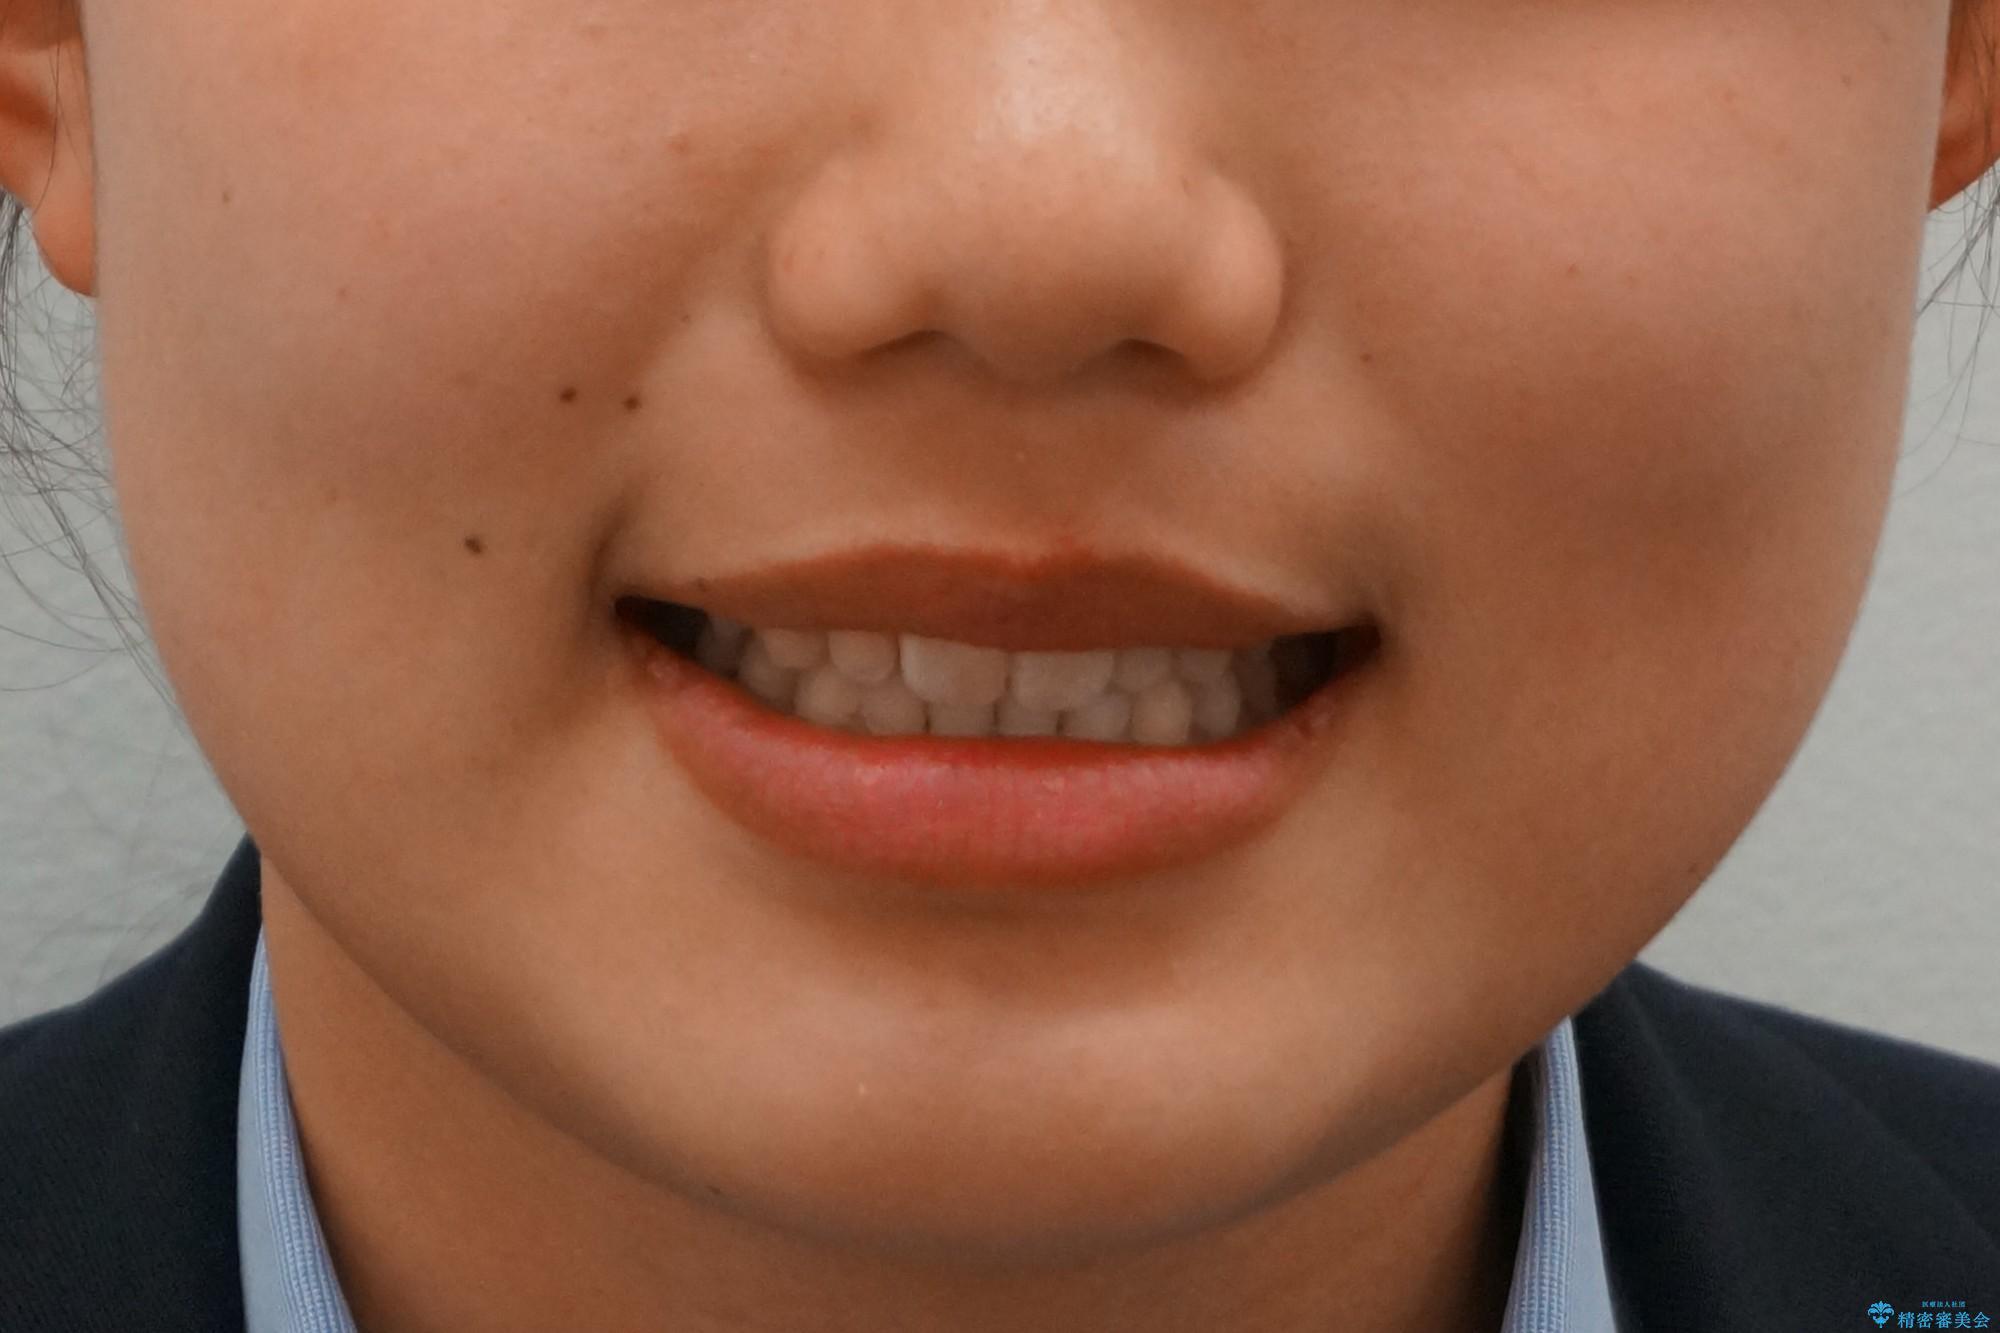 前歯のすきま 矯正治療とセラミックで小さな歯を形良くの治療後(顔貌)